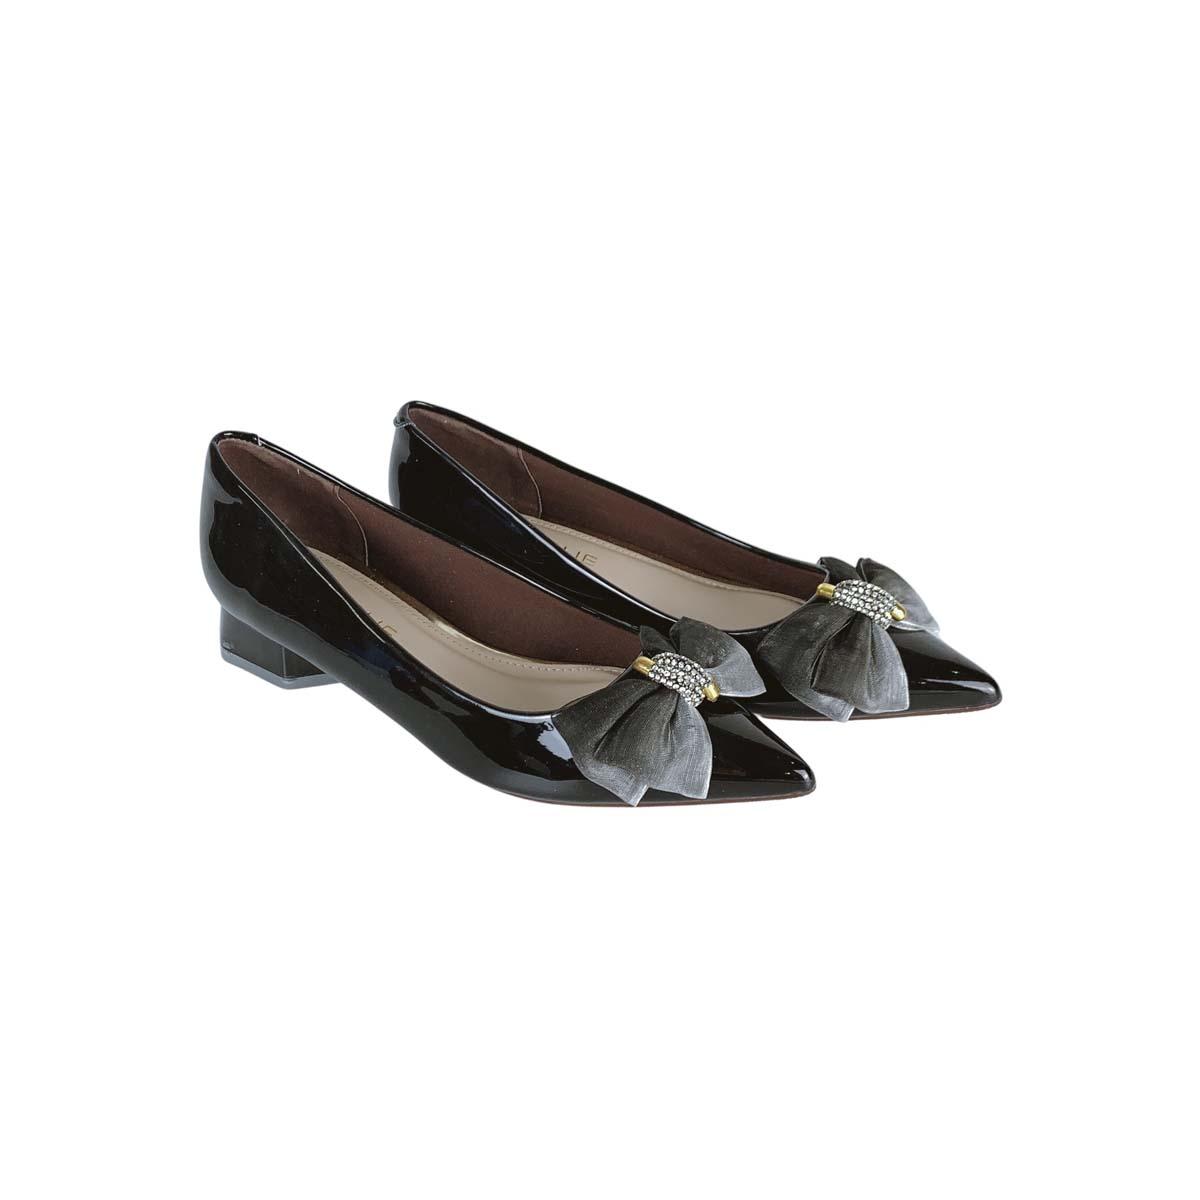 Giày búp bê mũi nhọn Girlie S11030 Girlie thích hợp đi chơi đi học